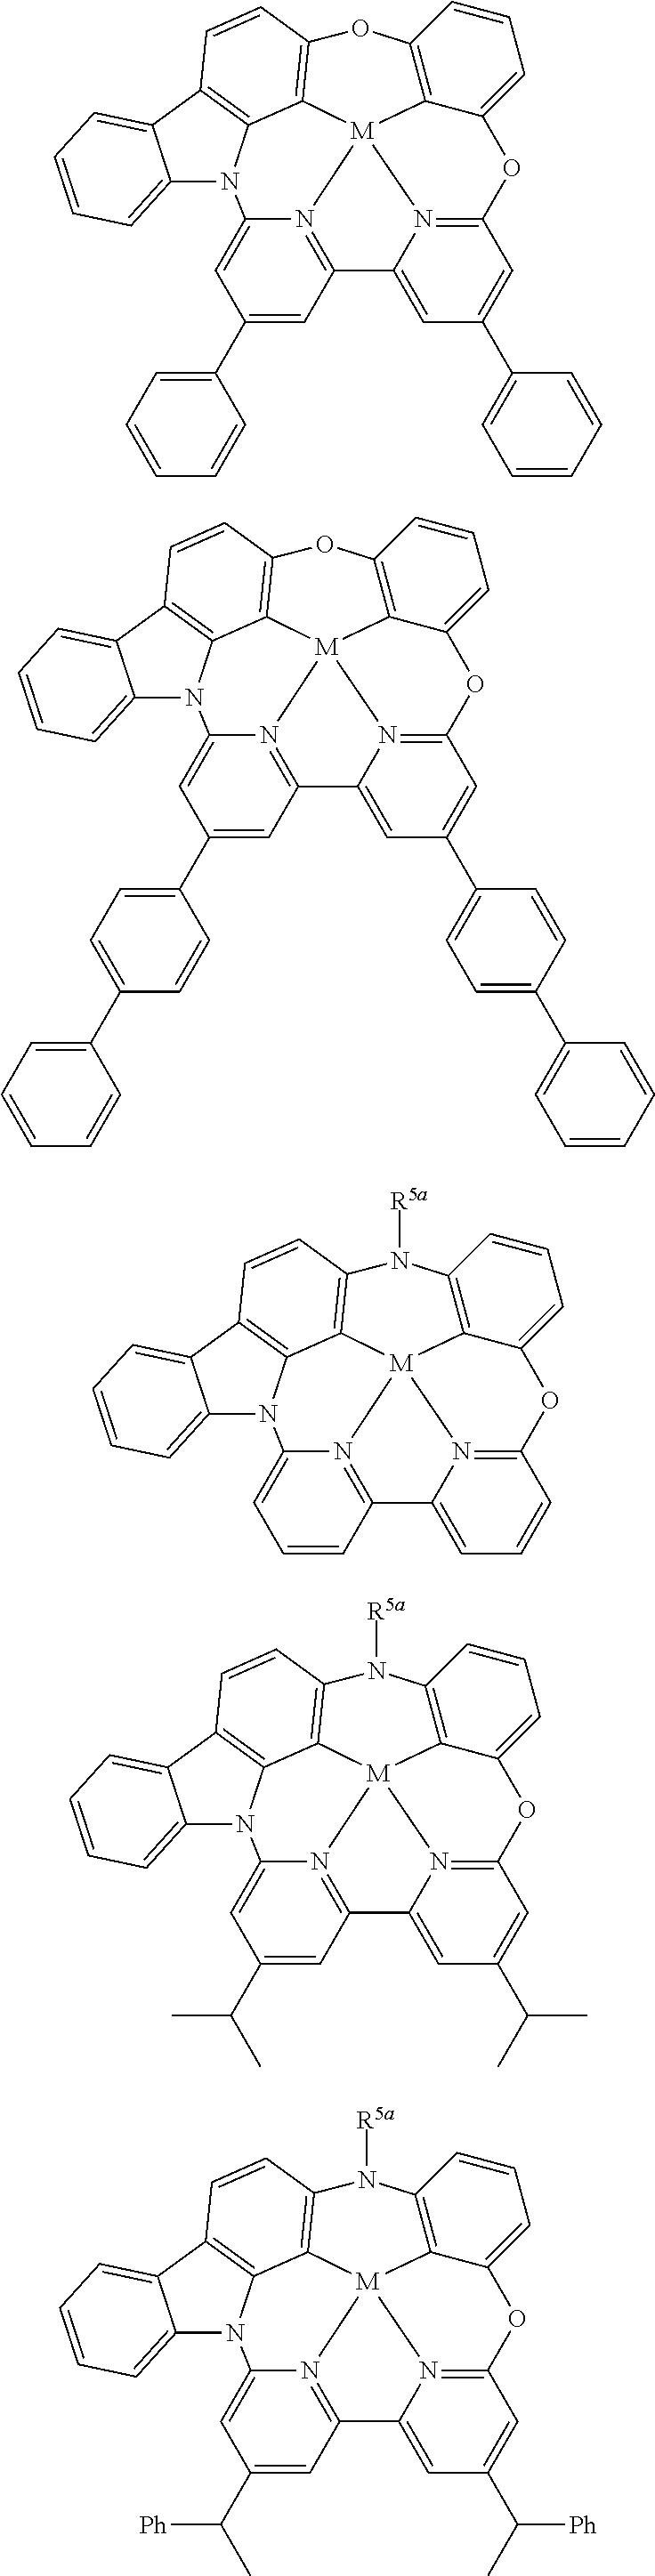 Figure US10158091-20181218-C00059